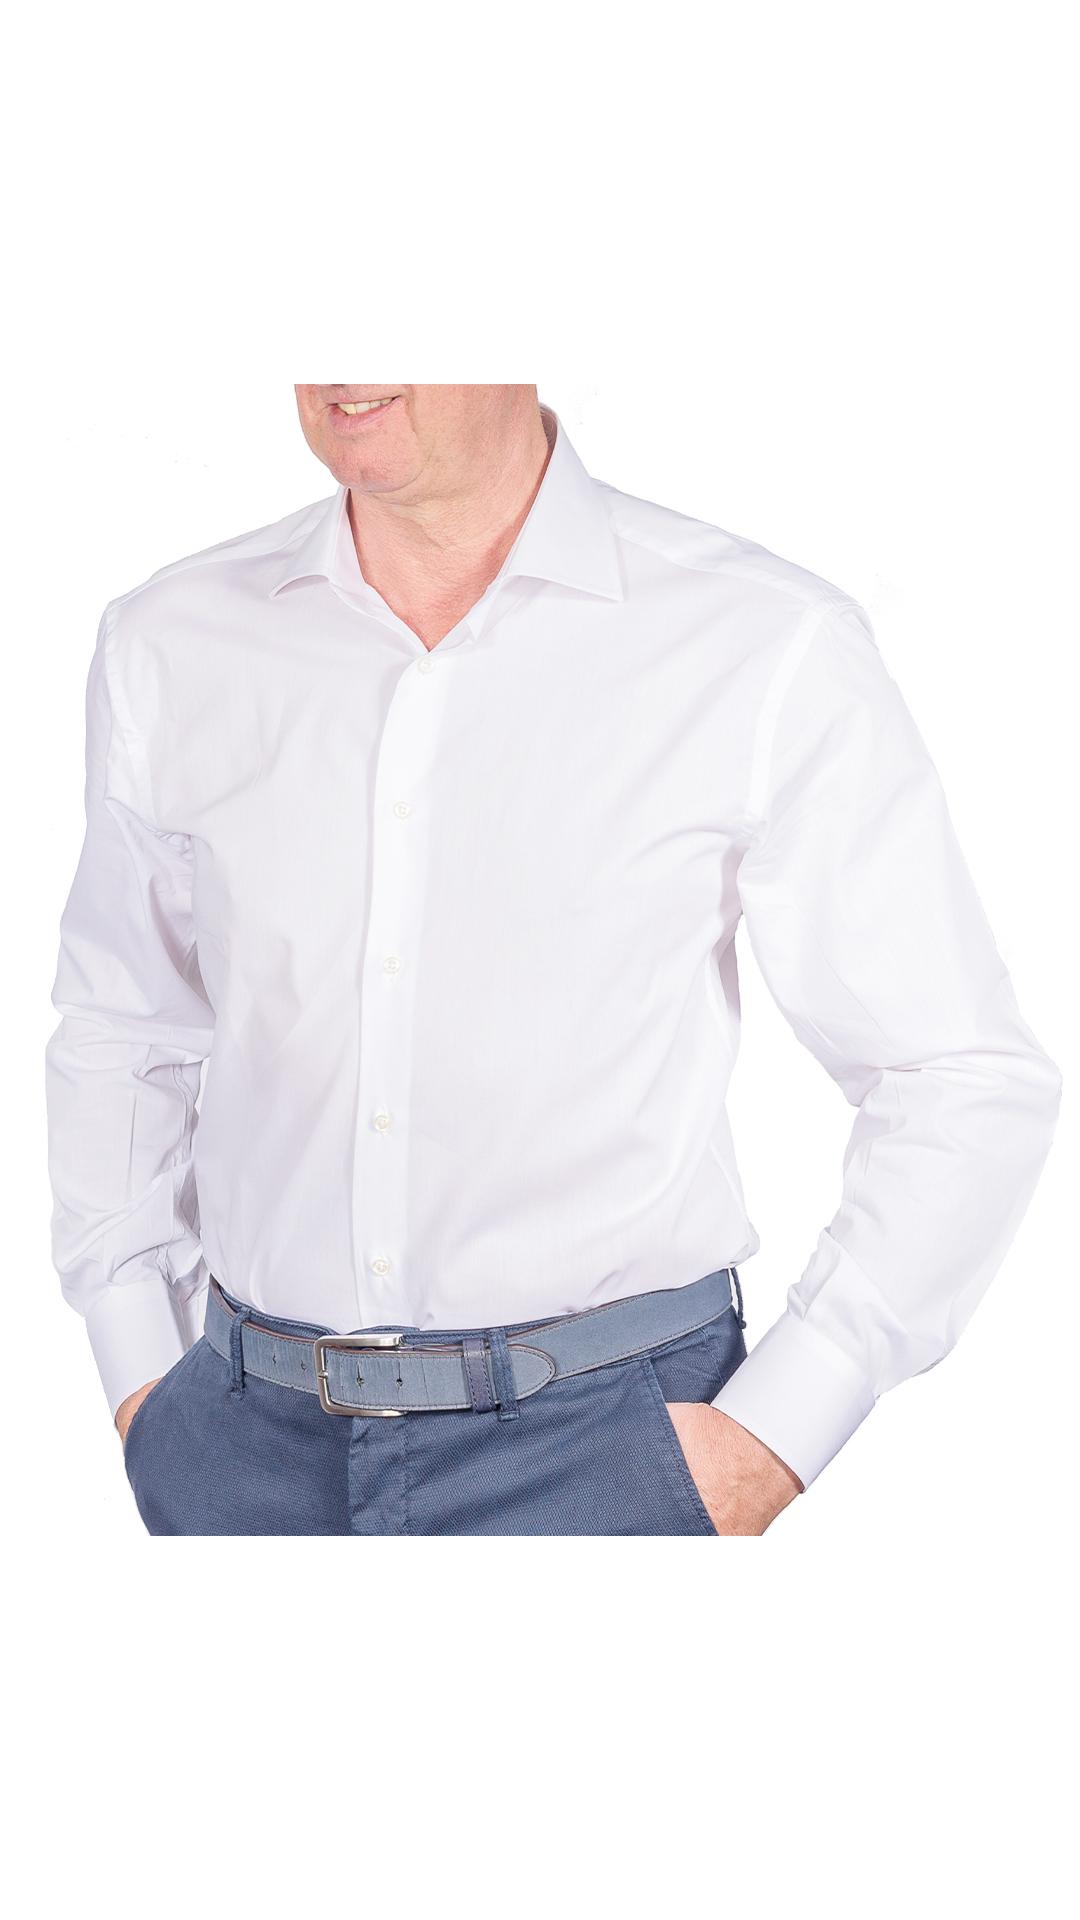 LUXURYJT0092 CAMICIA UOMO DOPPIO RITORTO MANICA LUNGA 1 1stAmerican camicia elegante da uomo in collo classico 100% cotone alta qualità doppio ritorto manica lunga – camicia sartoriale regular fit